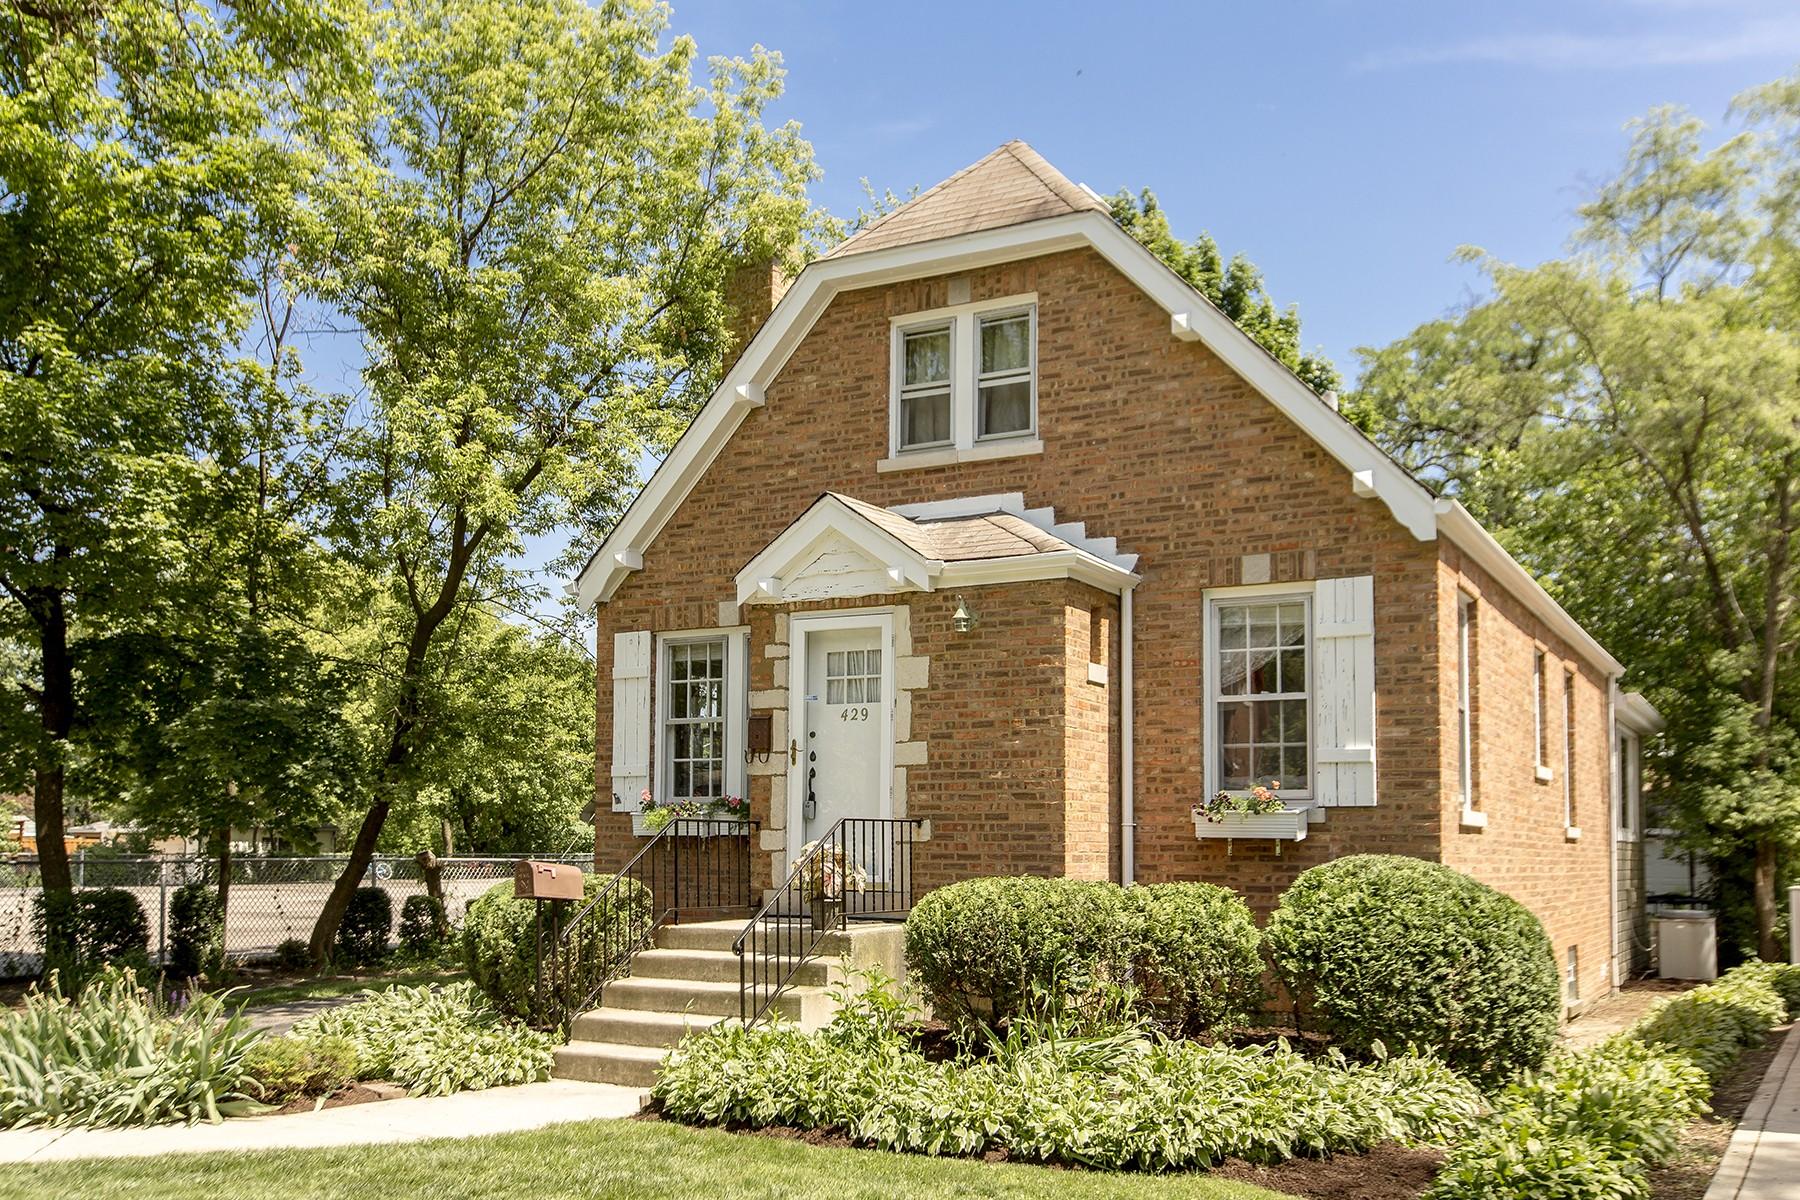 Maison unifamiliale pour l Vente à Charming Home In The Historic Town Of Riverside 429 Loudon Road Riverside, Illinois, 60546 États-Unis